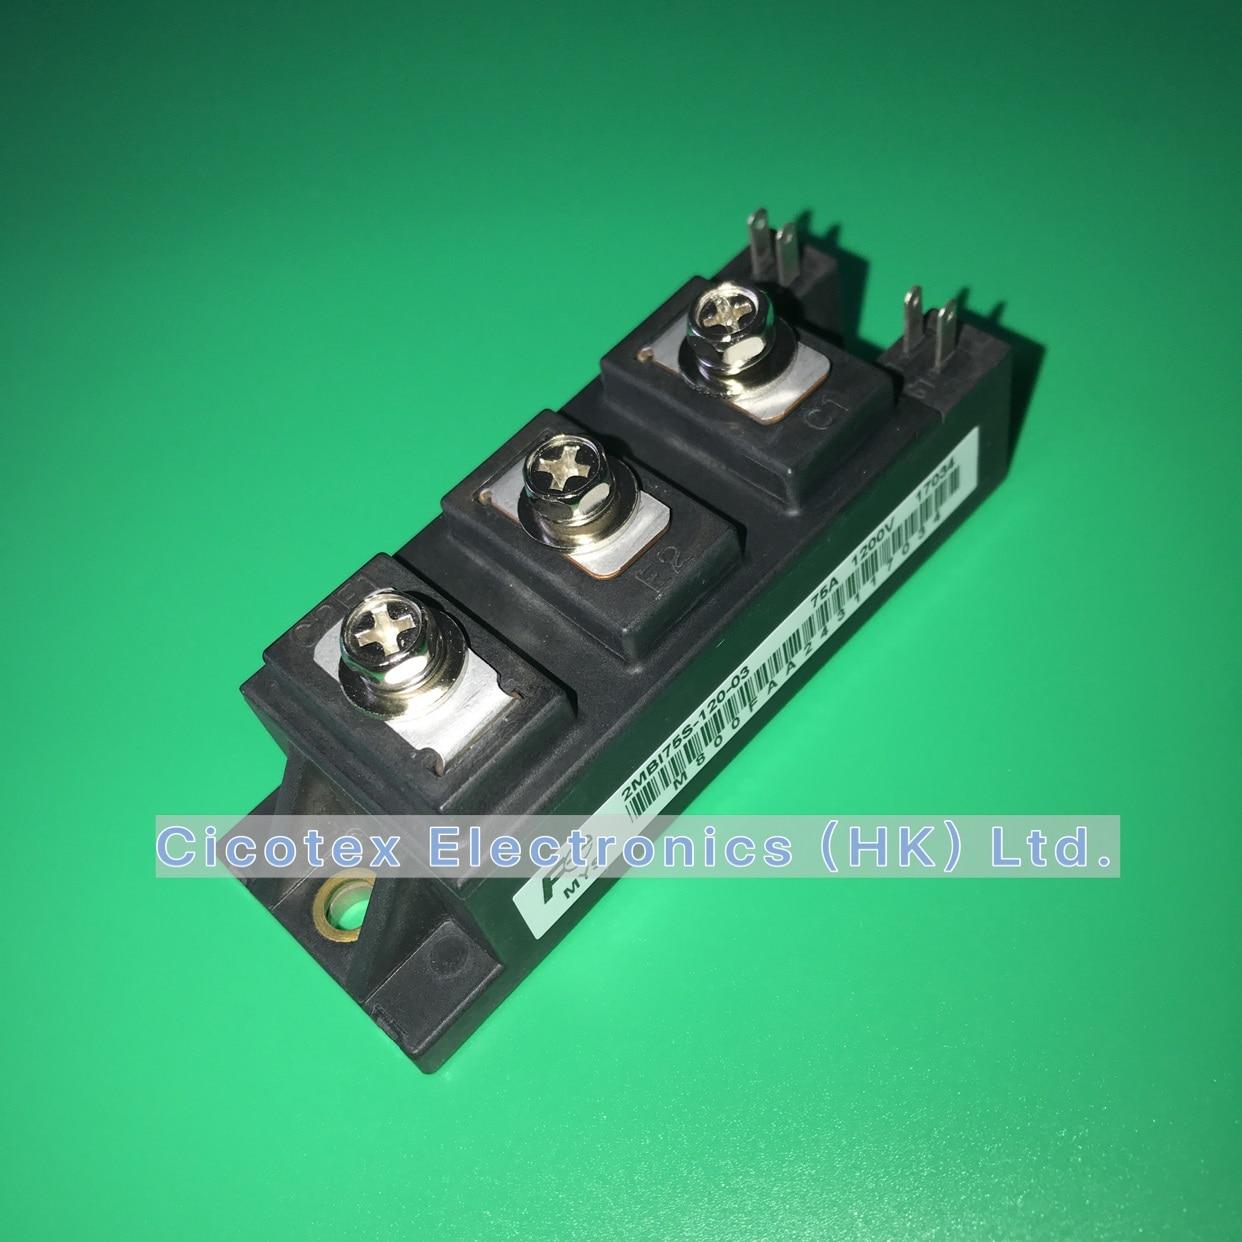 2MBI75S-120-03 Module 2MBI 75S-120-03 IGBT 75A 1200V 2MBI75S12003 2MB175S-120-03